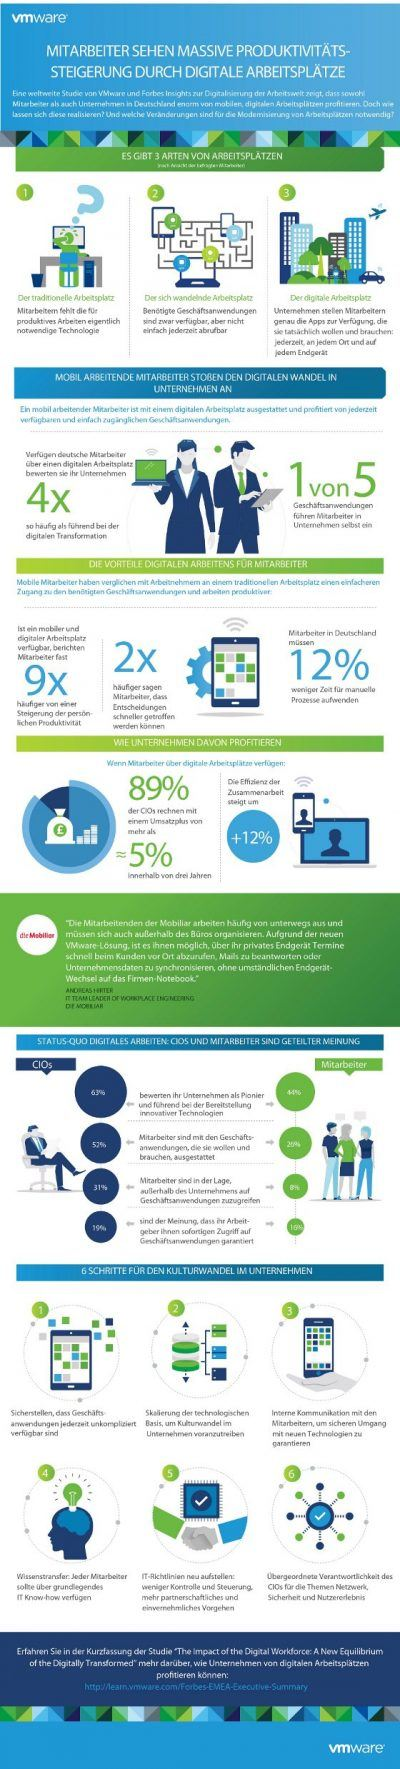 Infografik_VMware_Forbes_Studie_Digitale Arbeitsplatz der Zukunft_jpg_100dpi